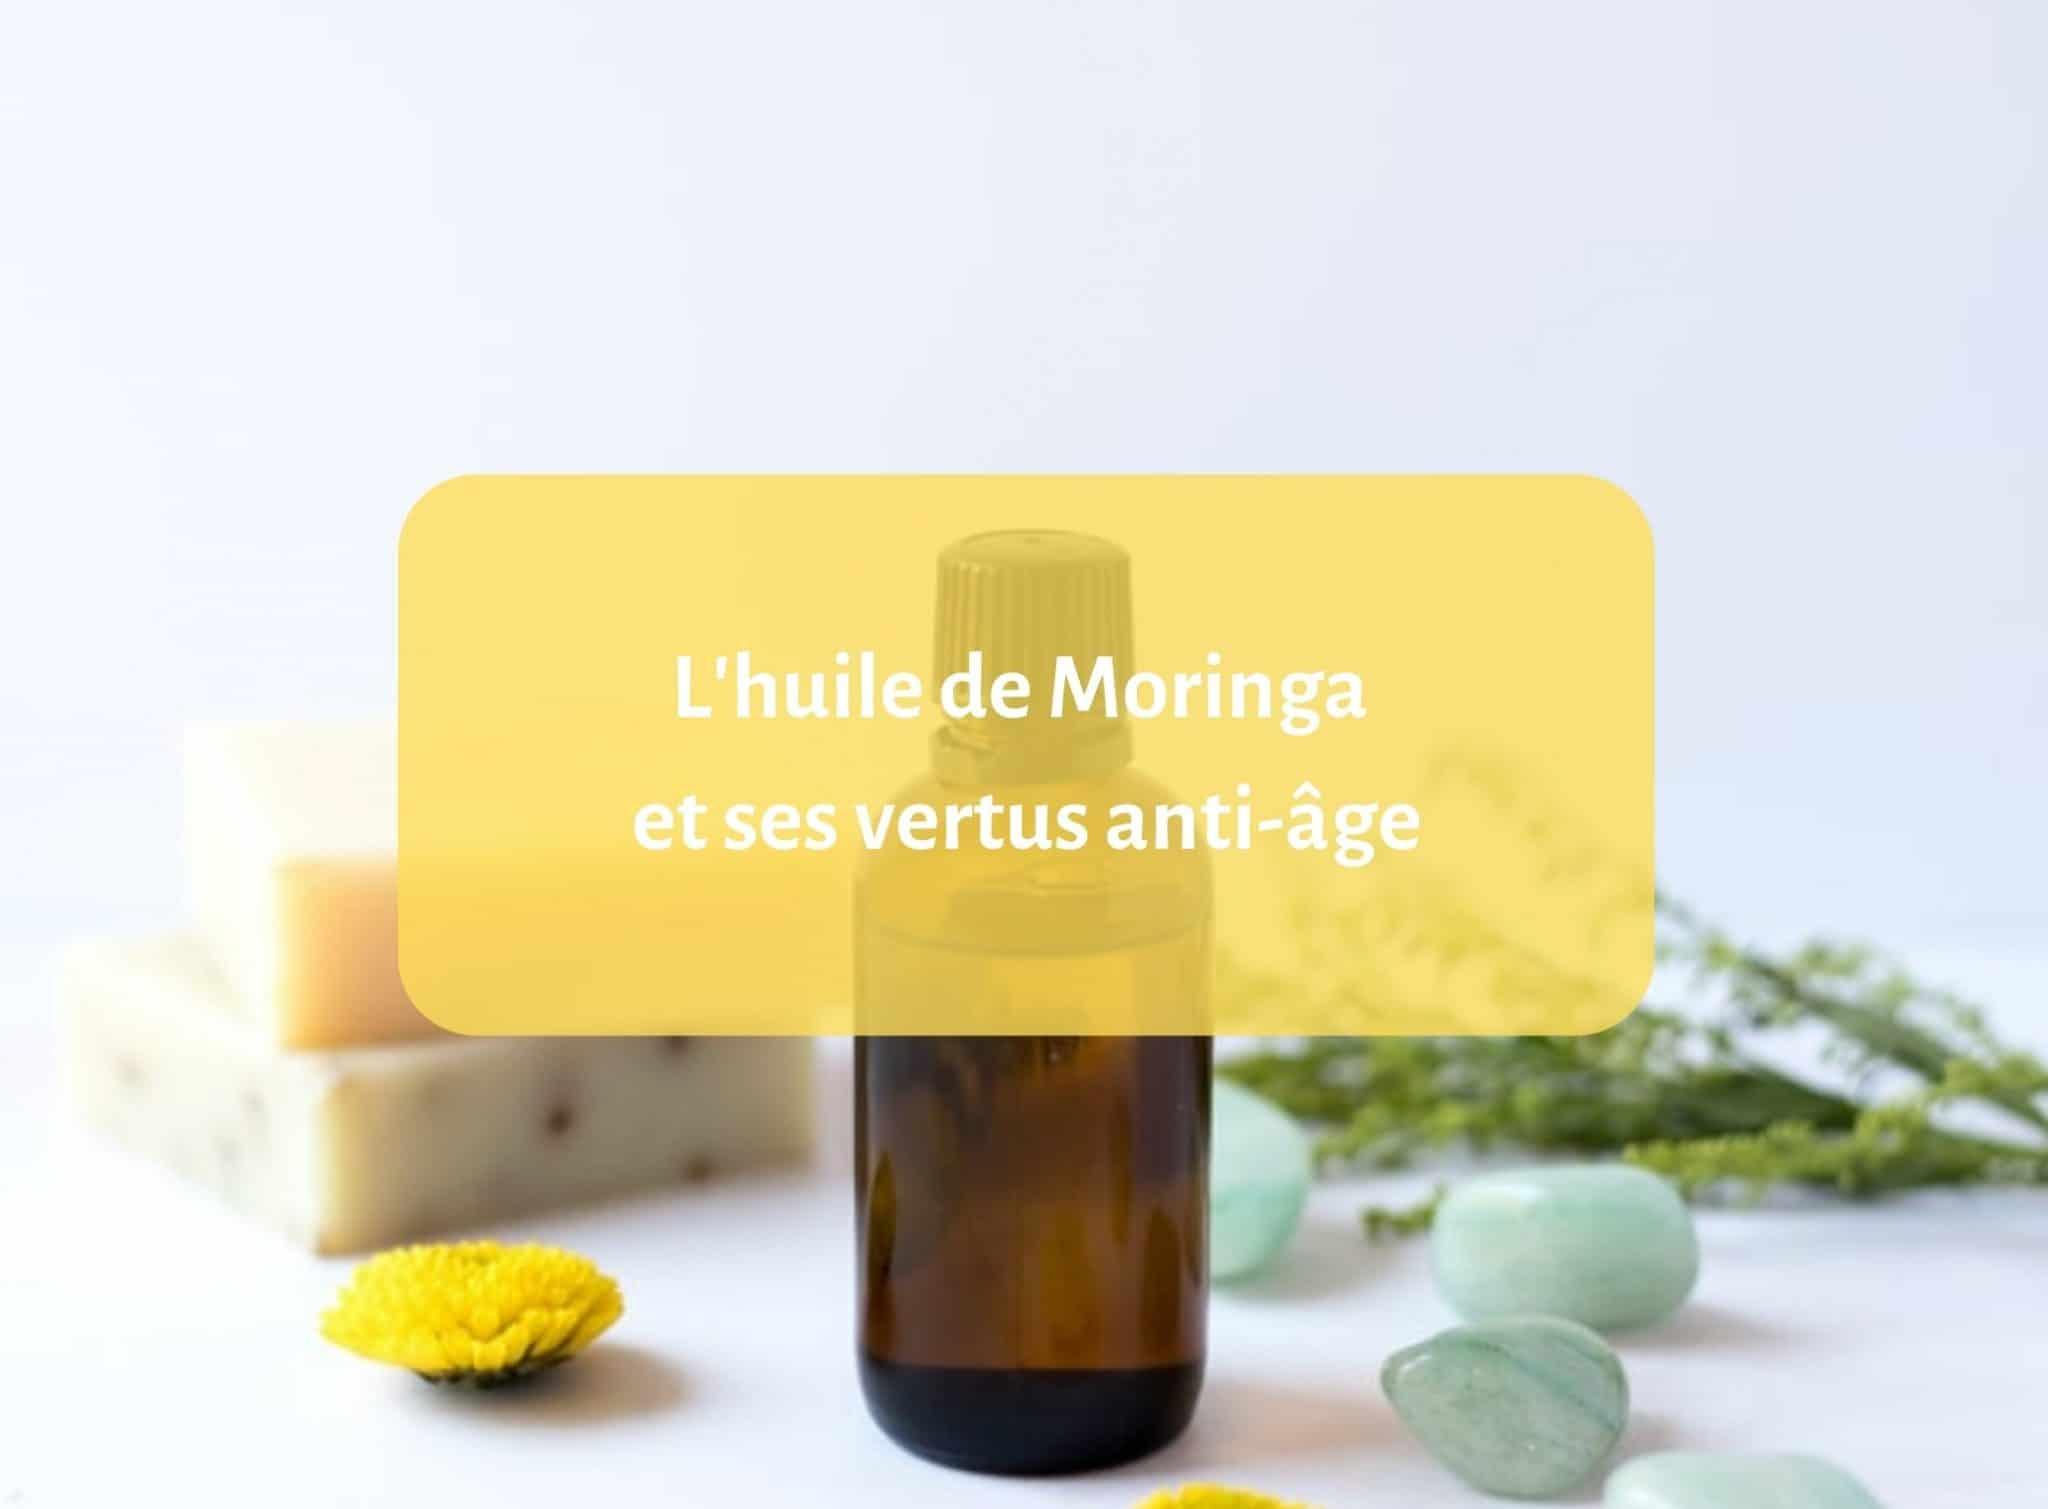 L'huile de Moringa et ses vertus anti-âge